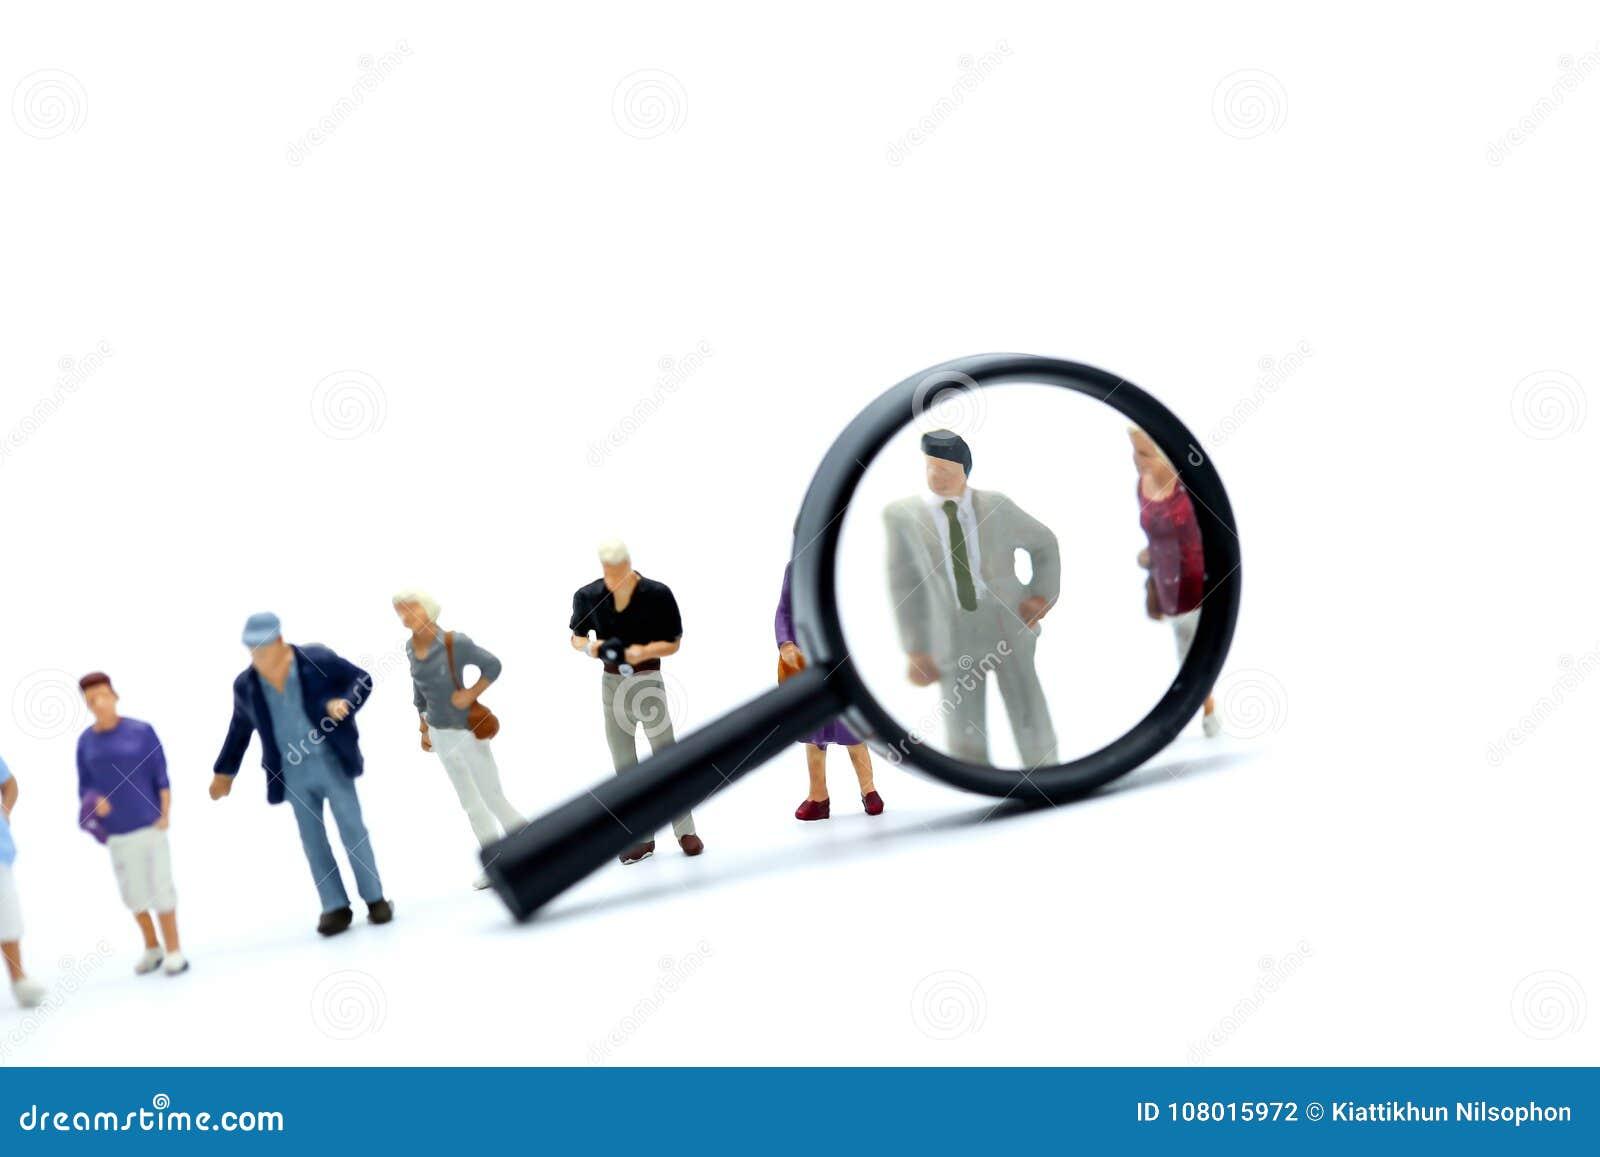 Μικροσκοπικοί άνθρωποι: η επιχείρηση ψάχνει τους υπαλλήλους γιατί η εργασία